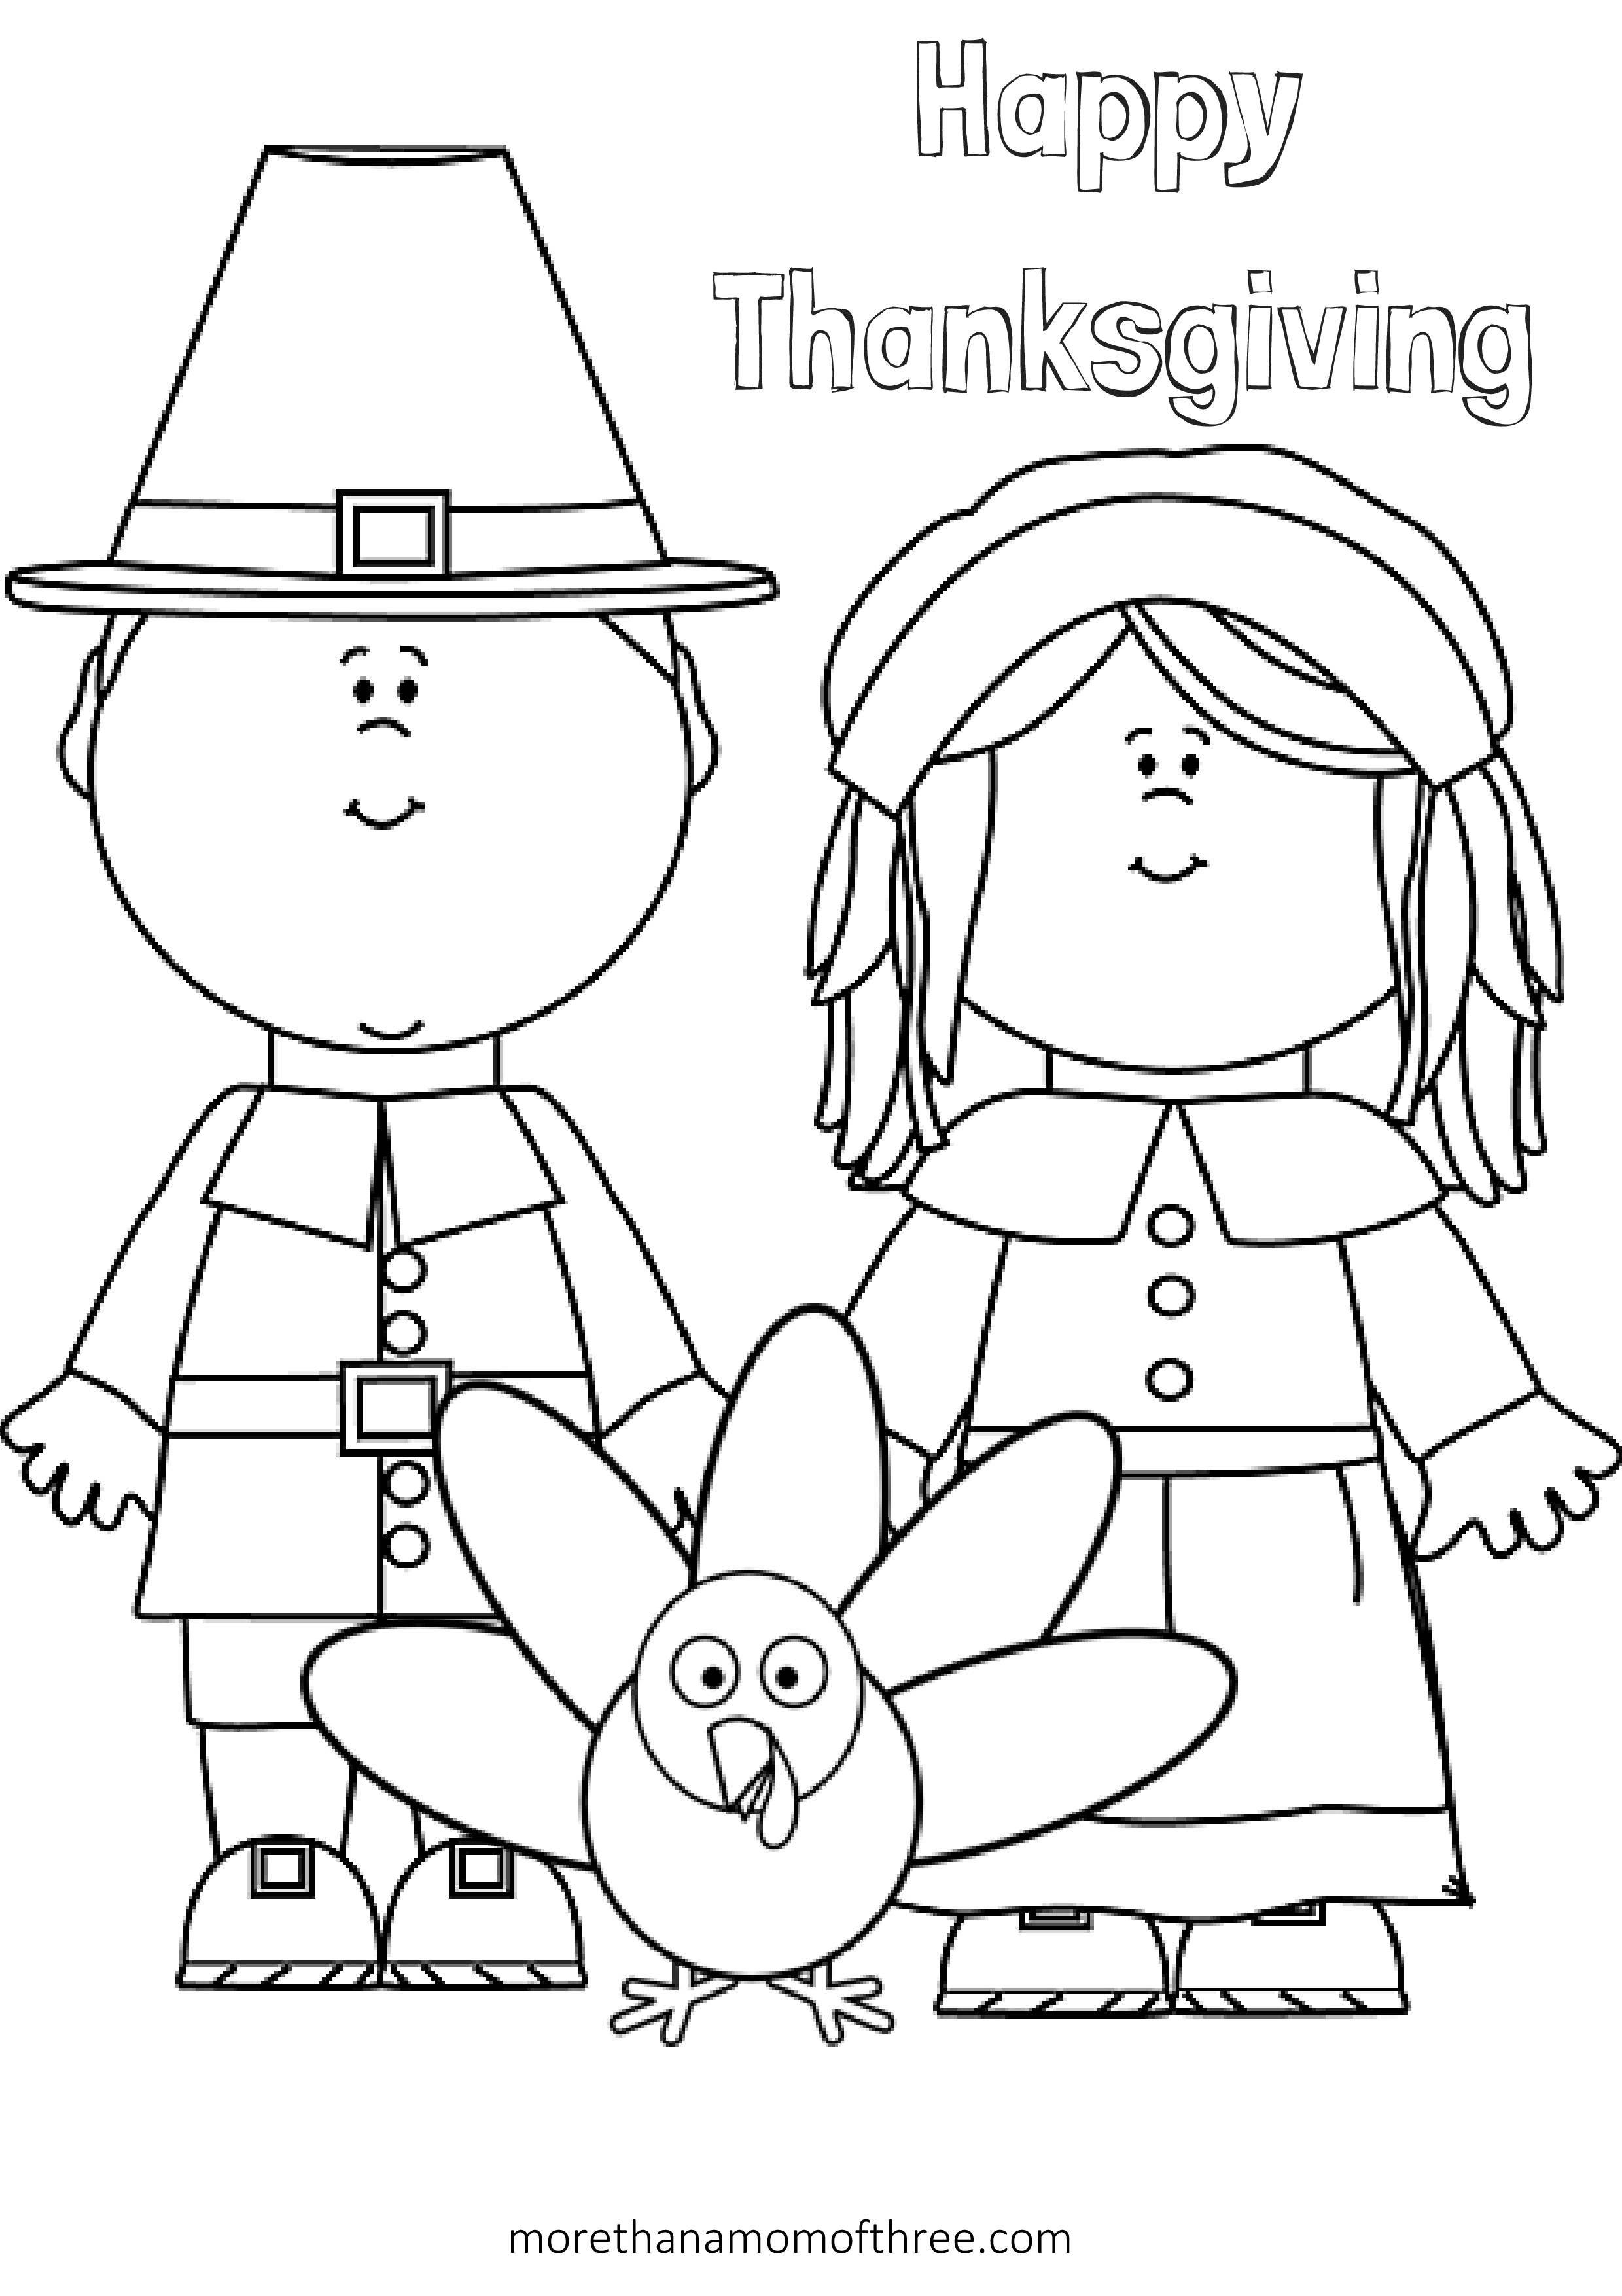 Fichas De Ingls Para Nios Happy Thanksgiving Para Colorear